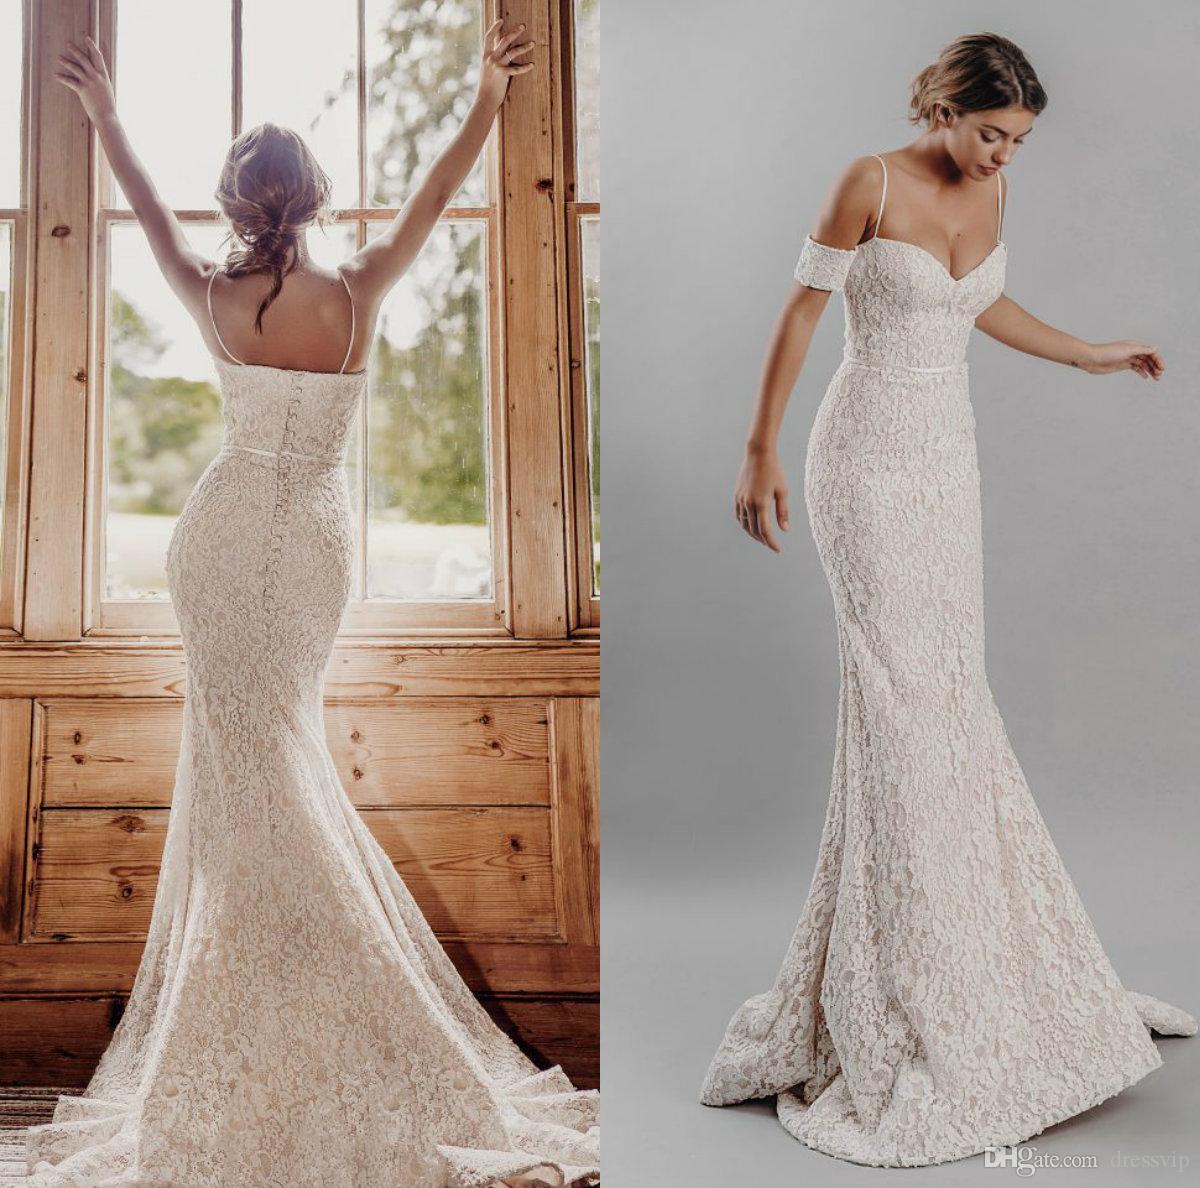 Великолепные русалки свадебные платья свадьбы спагетти кружева разведка поезда съемные с короткими рукавами страна свадебные платья рояль де Марие плюс размер платья